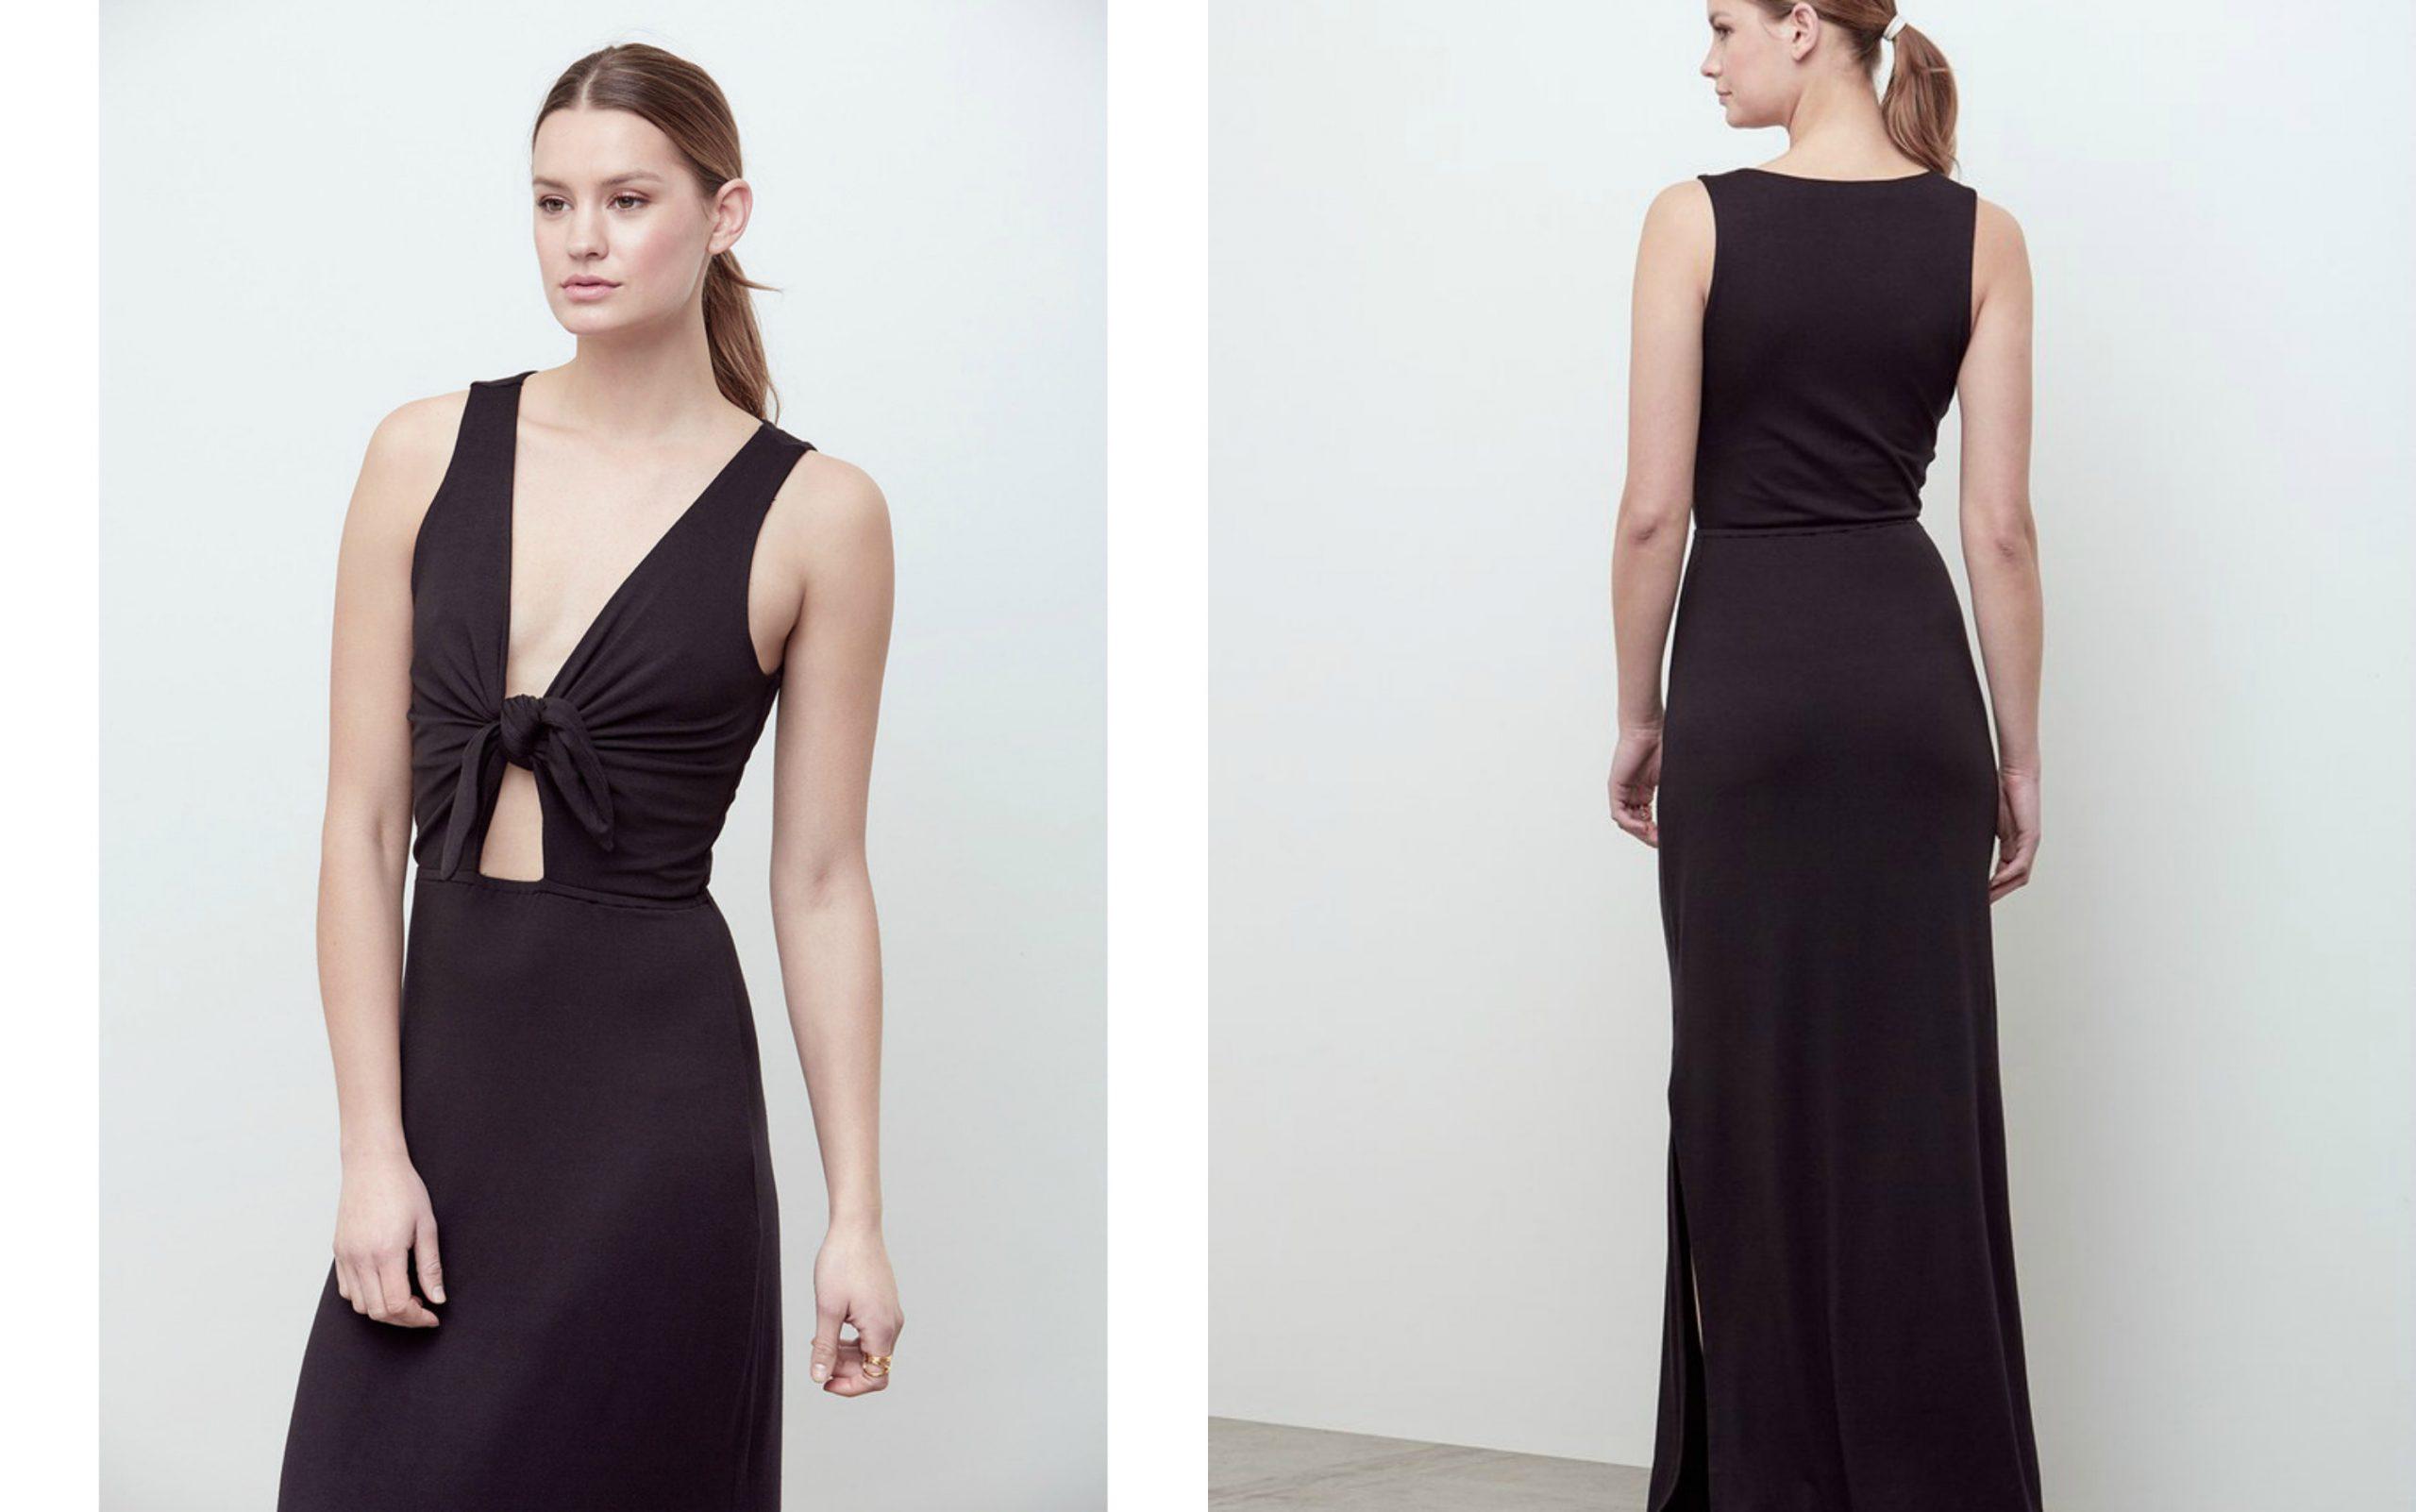 20 Schön Abendkleid Fairtrade Vertrieb17 Schön Abendkleid Fairtrade Design